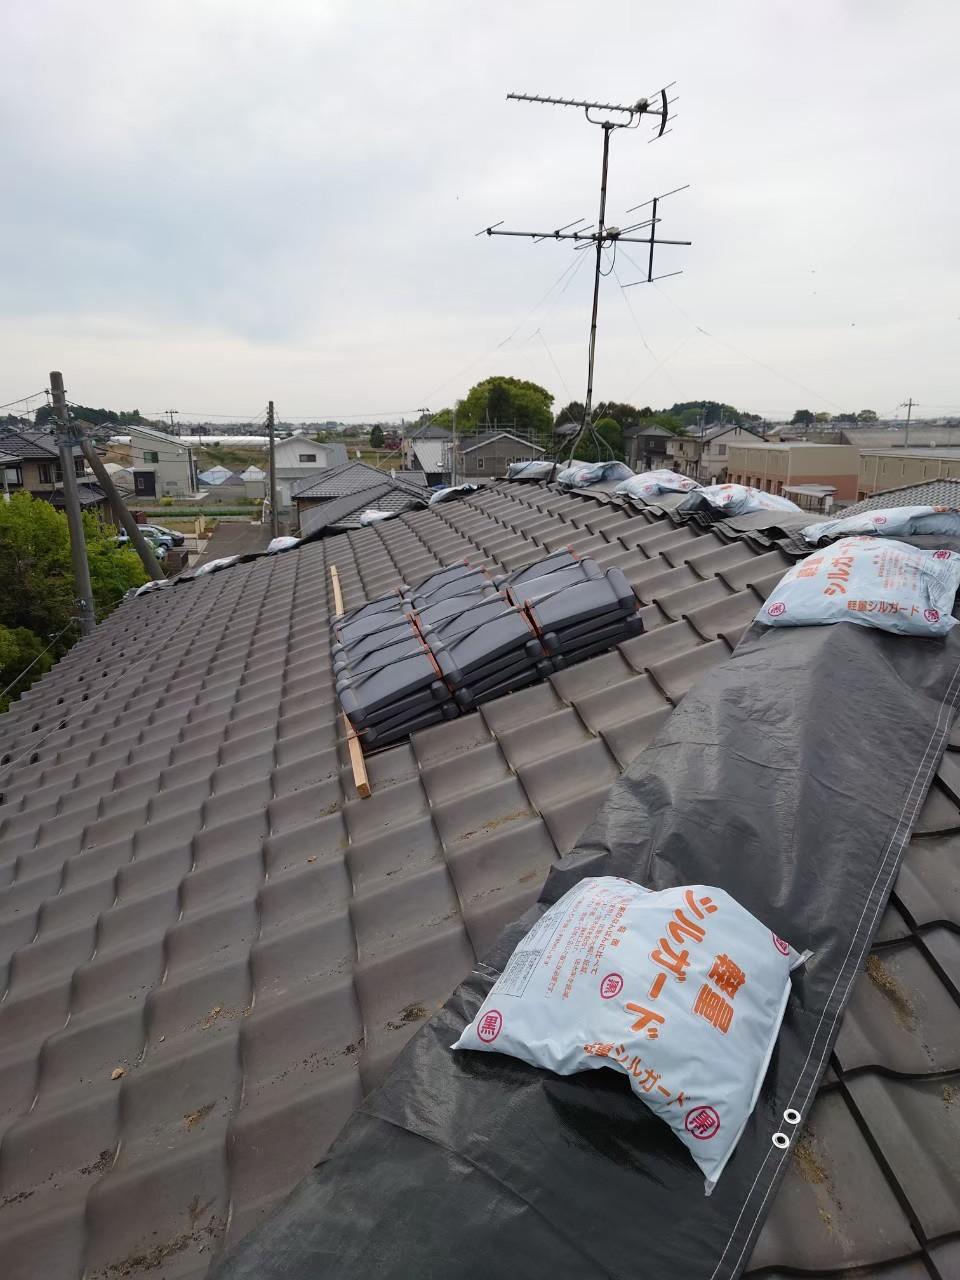 宮城県の地震で崩れた棟を冠瓦で修理しました